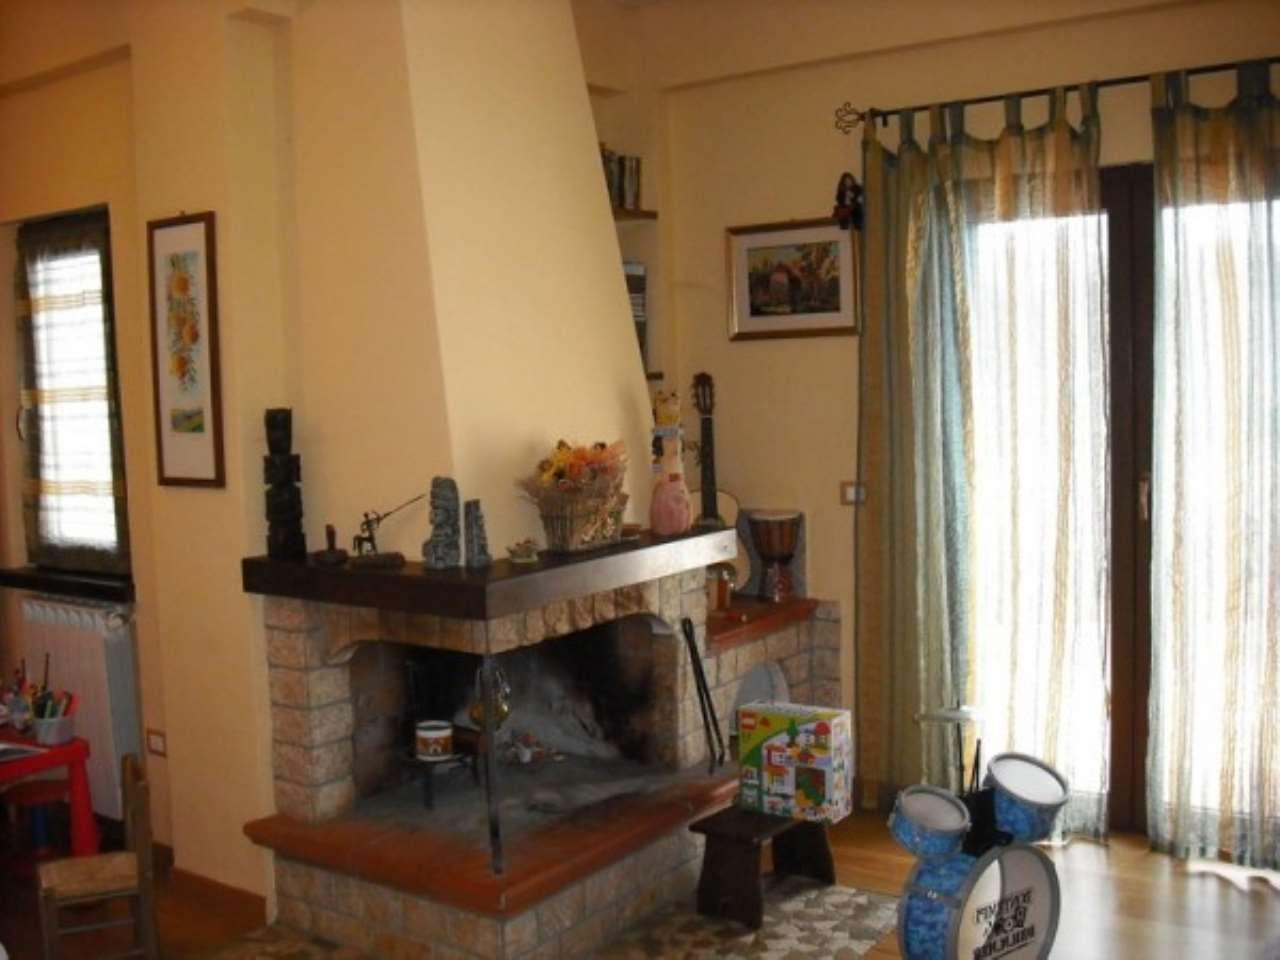 Villa in vendita a Scandriglia, 4 locali, prezzo € 150.000   Cambio Casa.it